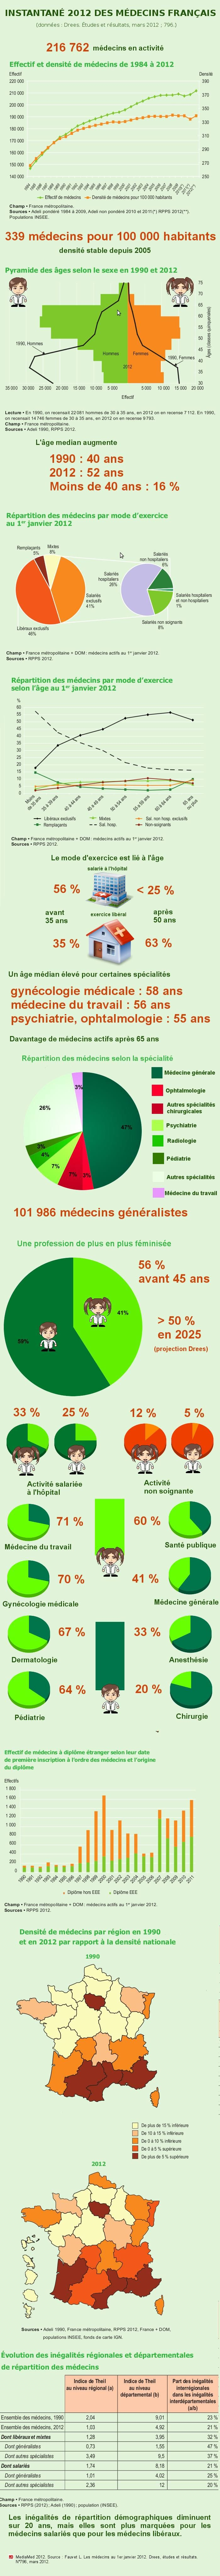 Démographie médicale  Instantané 2012 des médecins français  Infographie  vendredi 23 mars 2012